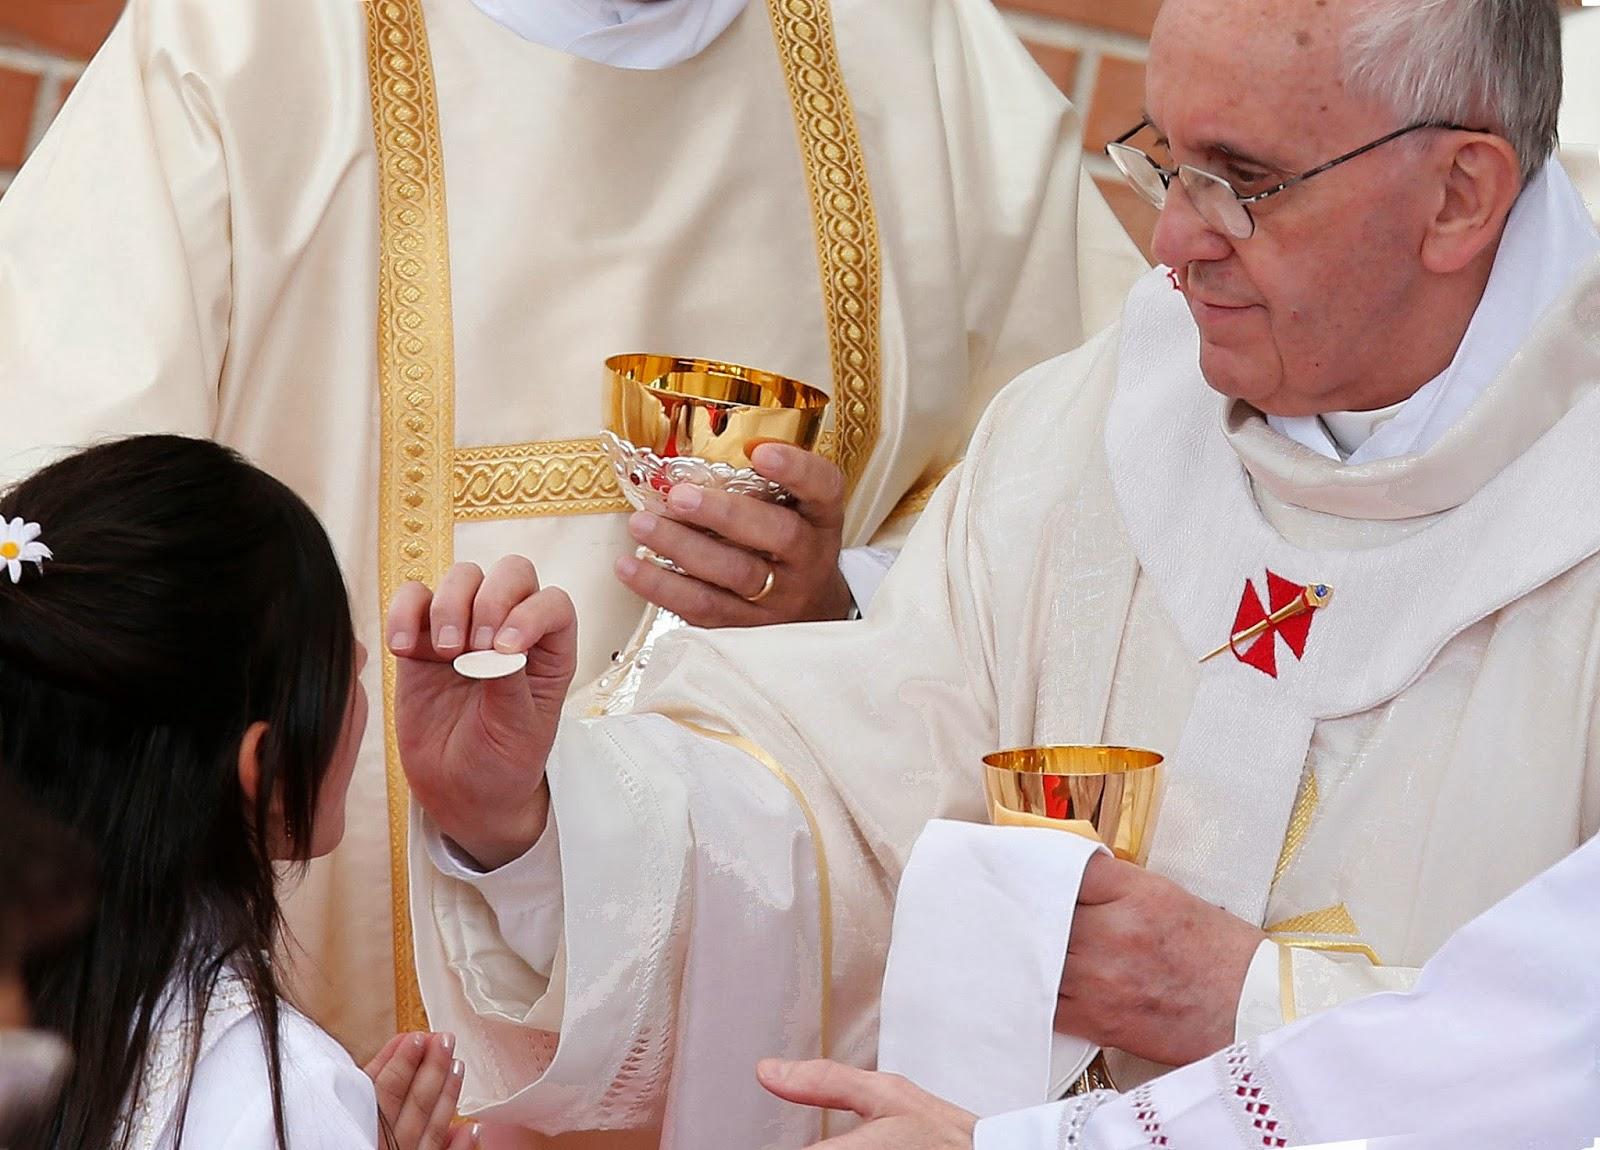 Deus num pedaço de pão? Eis Corpus Christi!